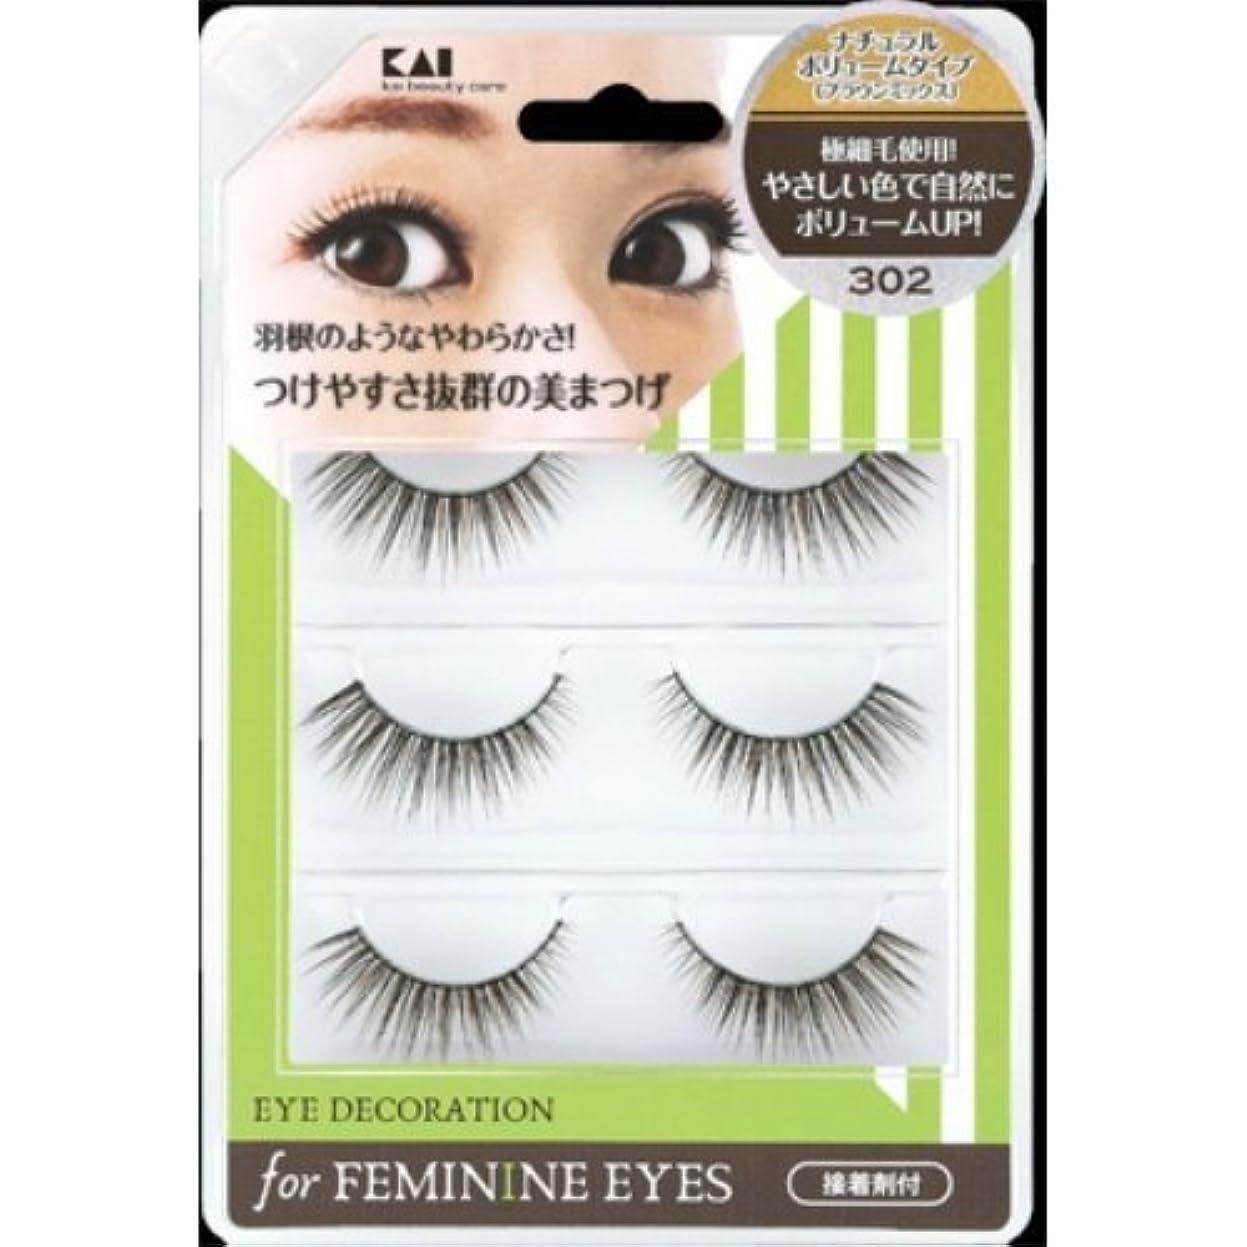 資格情報祖父母を訪問配列貝印 アイデコレーション for feminine eyes 302 HC1562